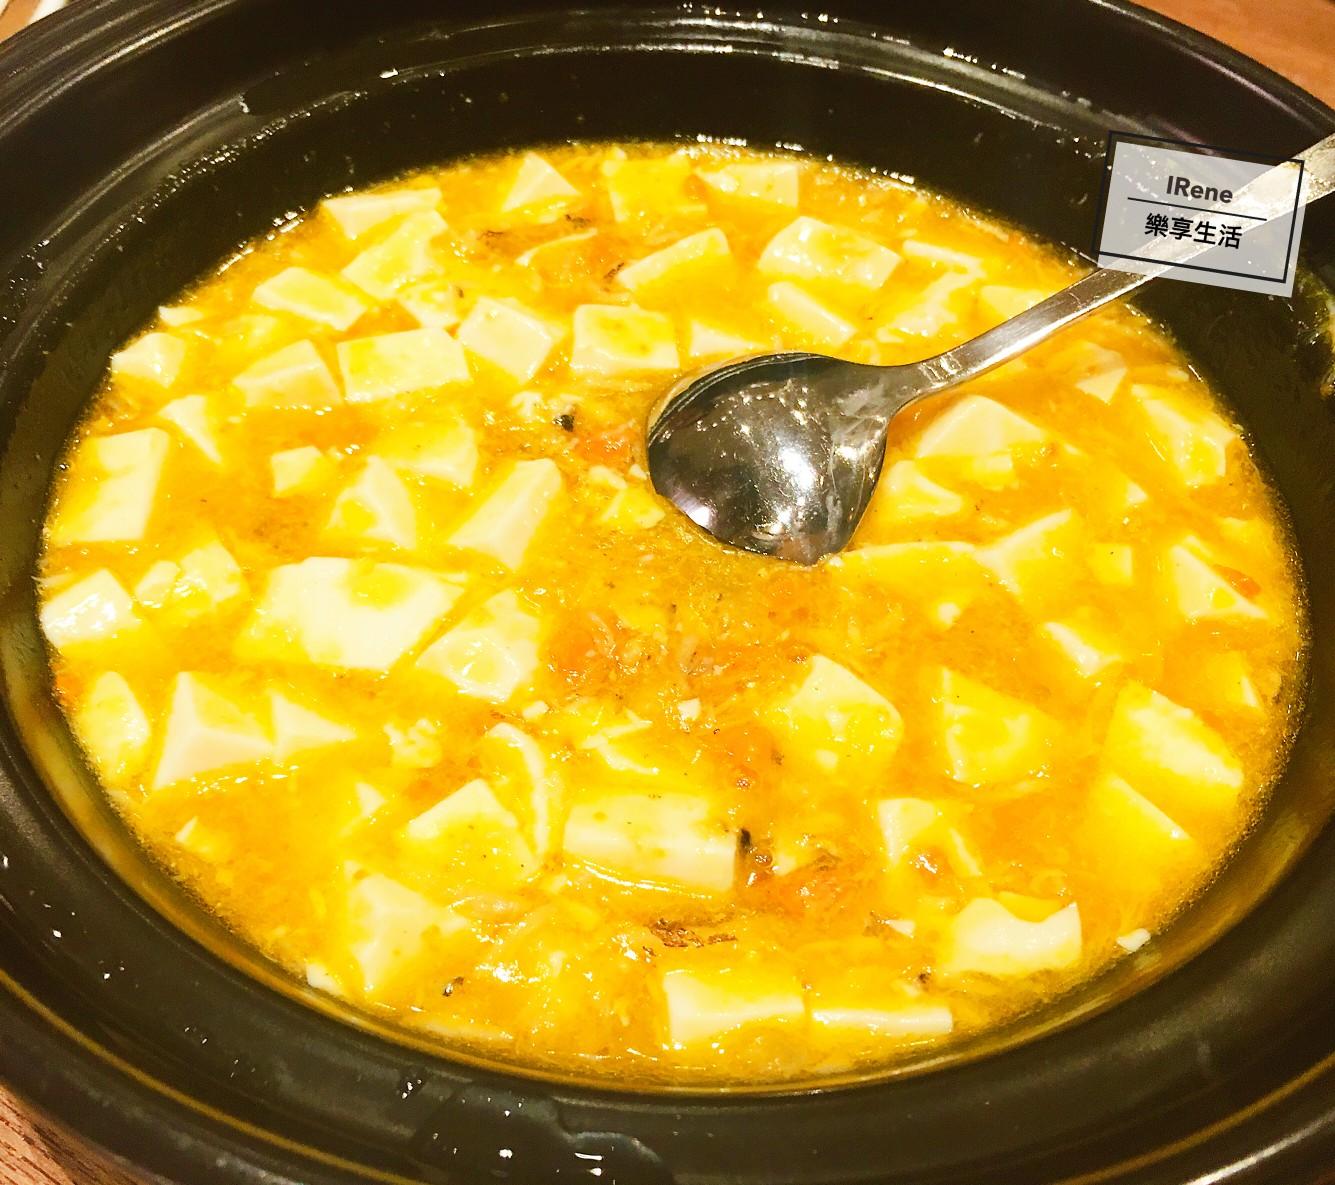 上海小南國餐廳-老上海蟹粉豆腐